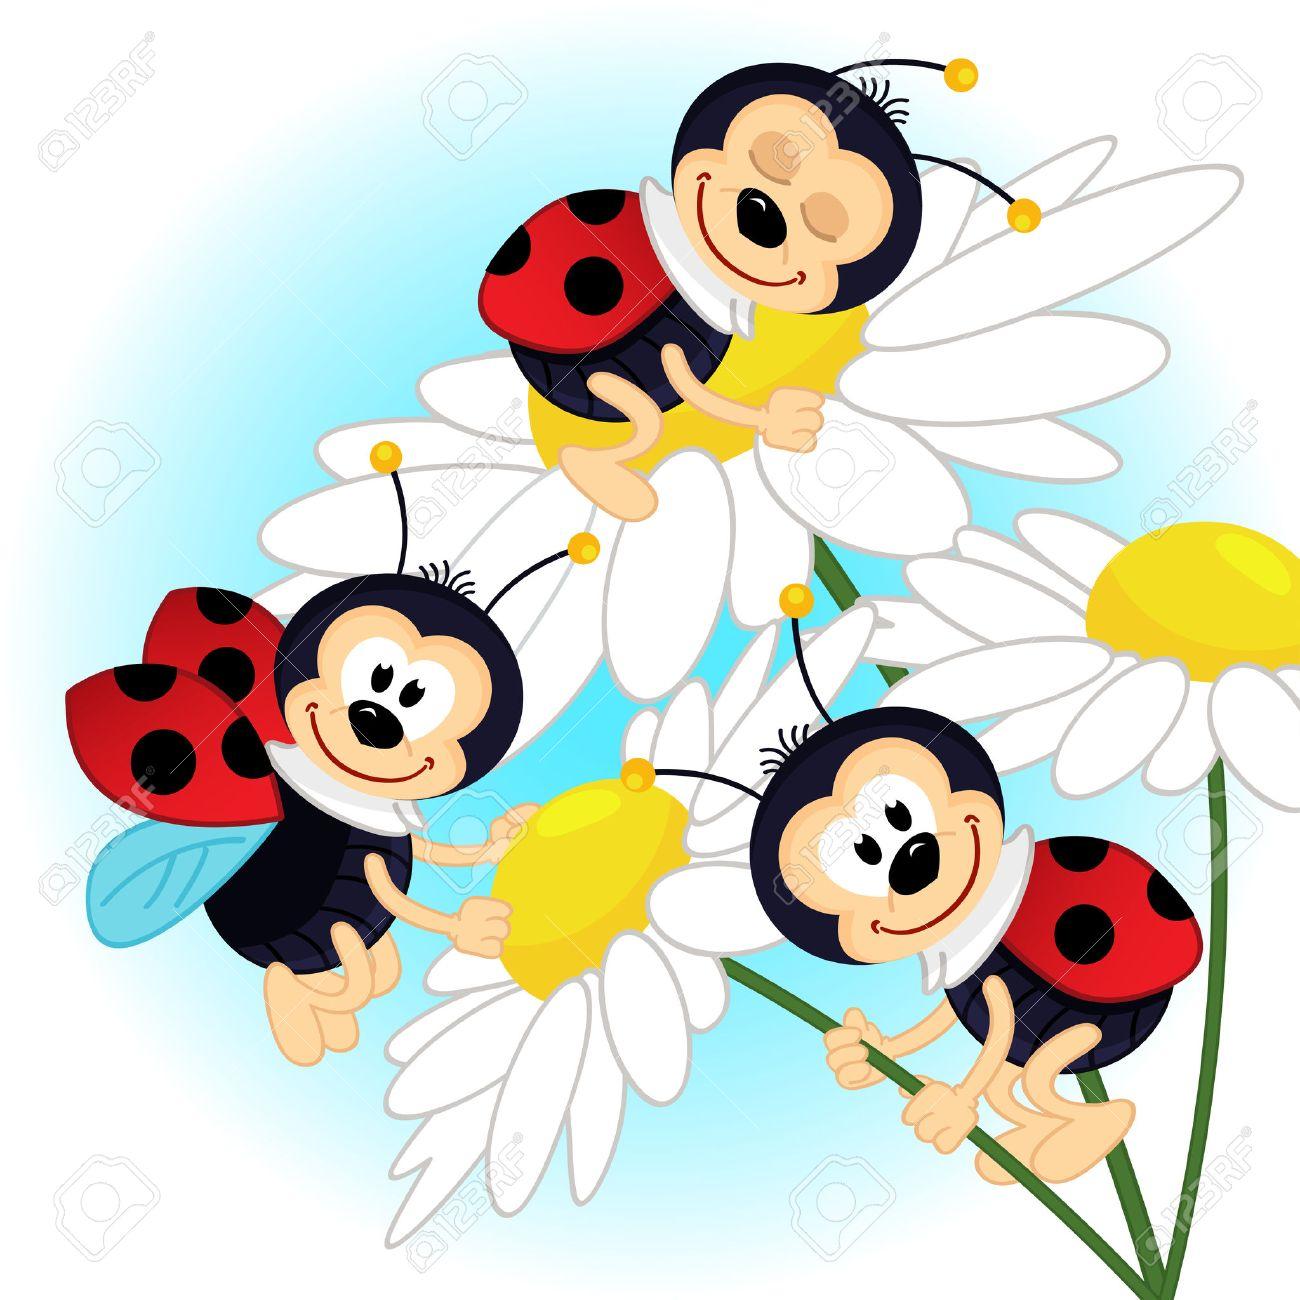 ladybug on camomile - vector illustration Standard-Bild - 27144243